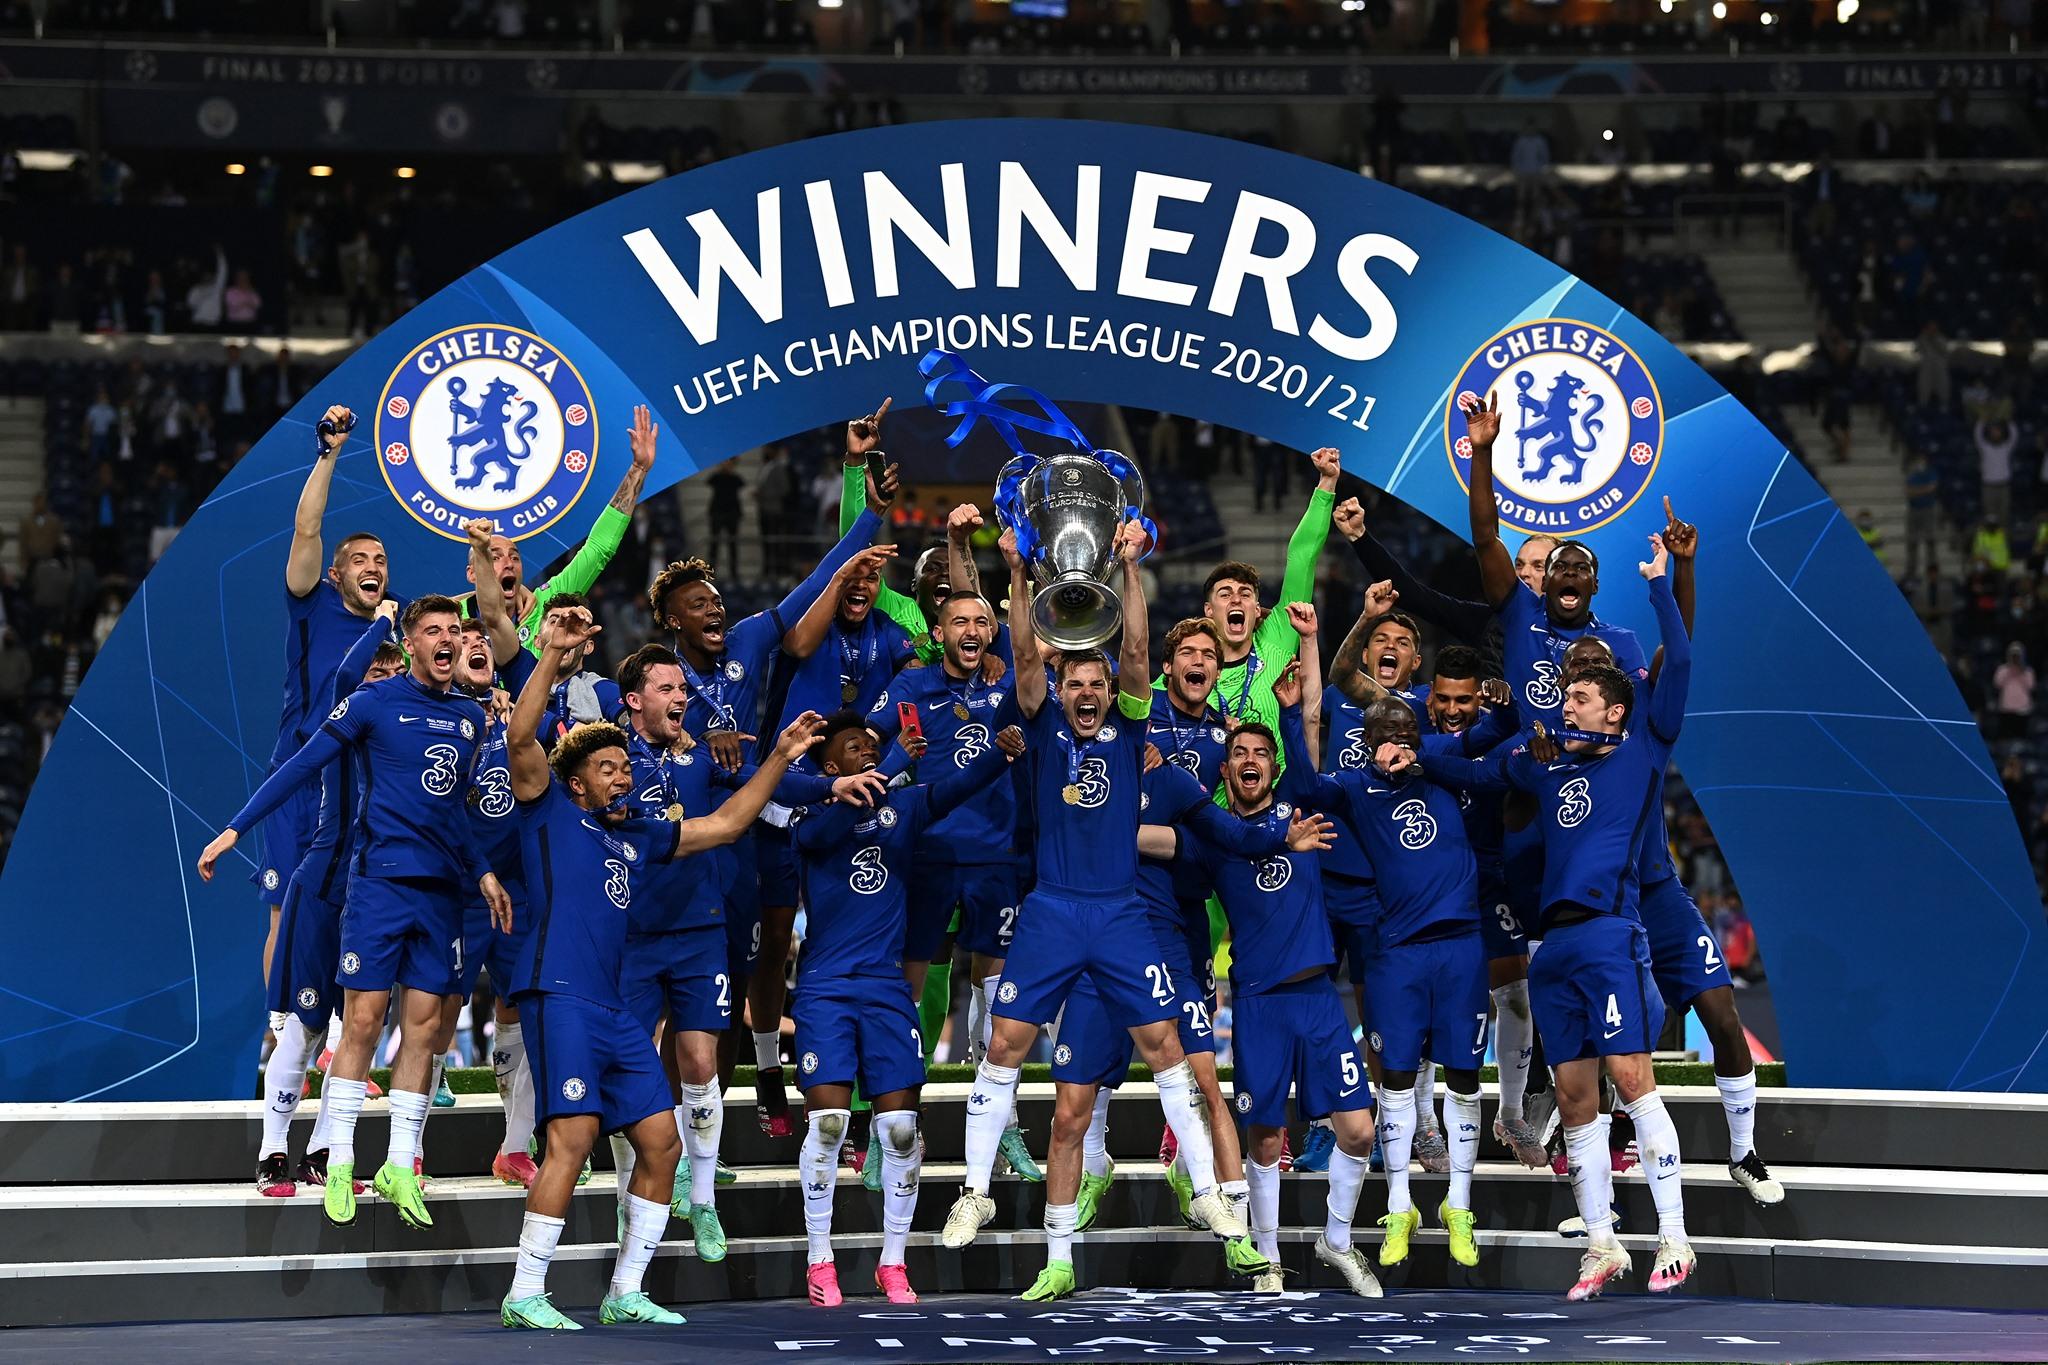 Chelsea derrotó al Manchester City de Guardiola y es campeón de la Champions League.